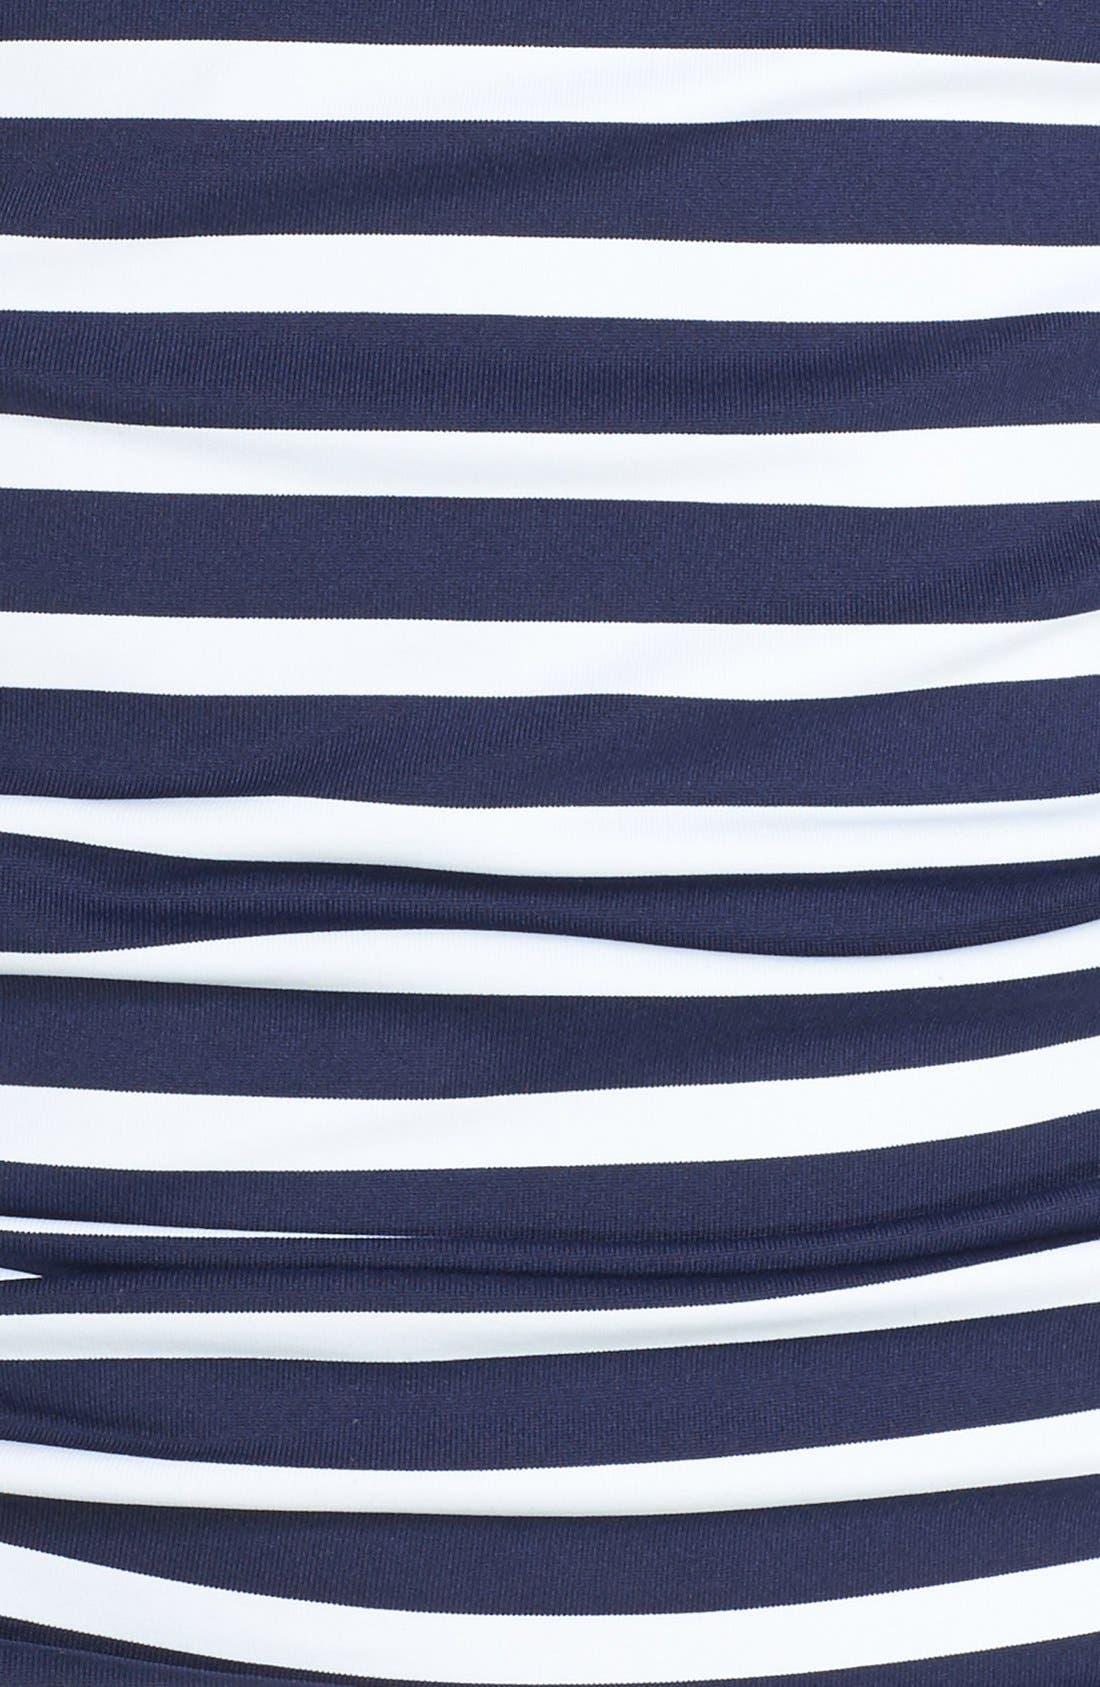 Stripe Tankini Top,                             Alternate thumbnail 5, color,                             400